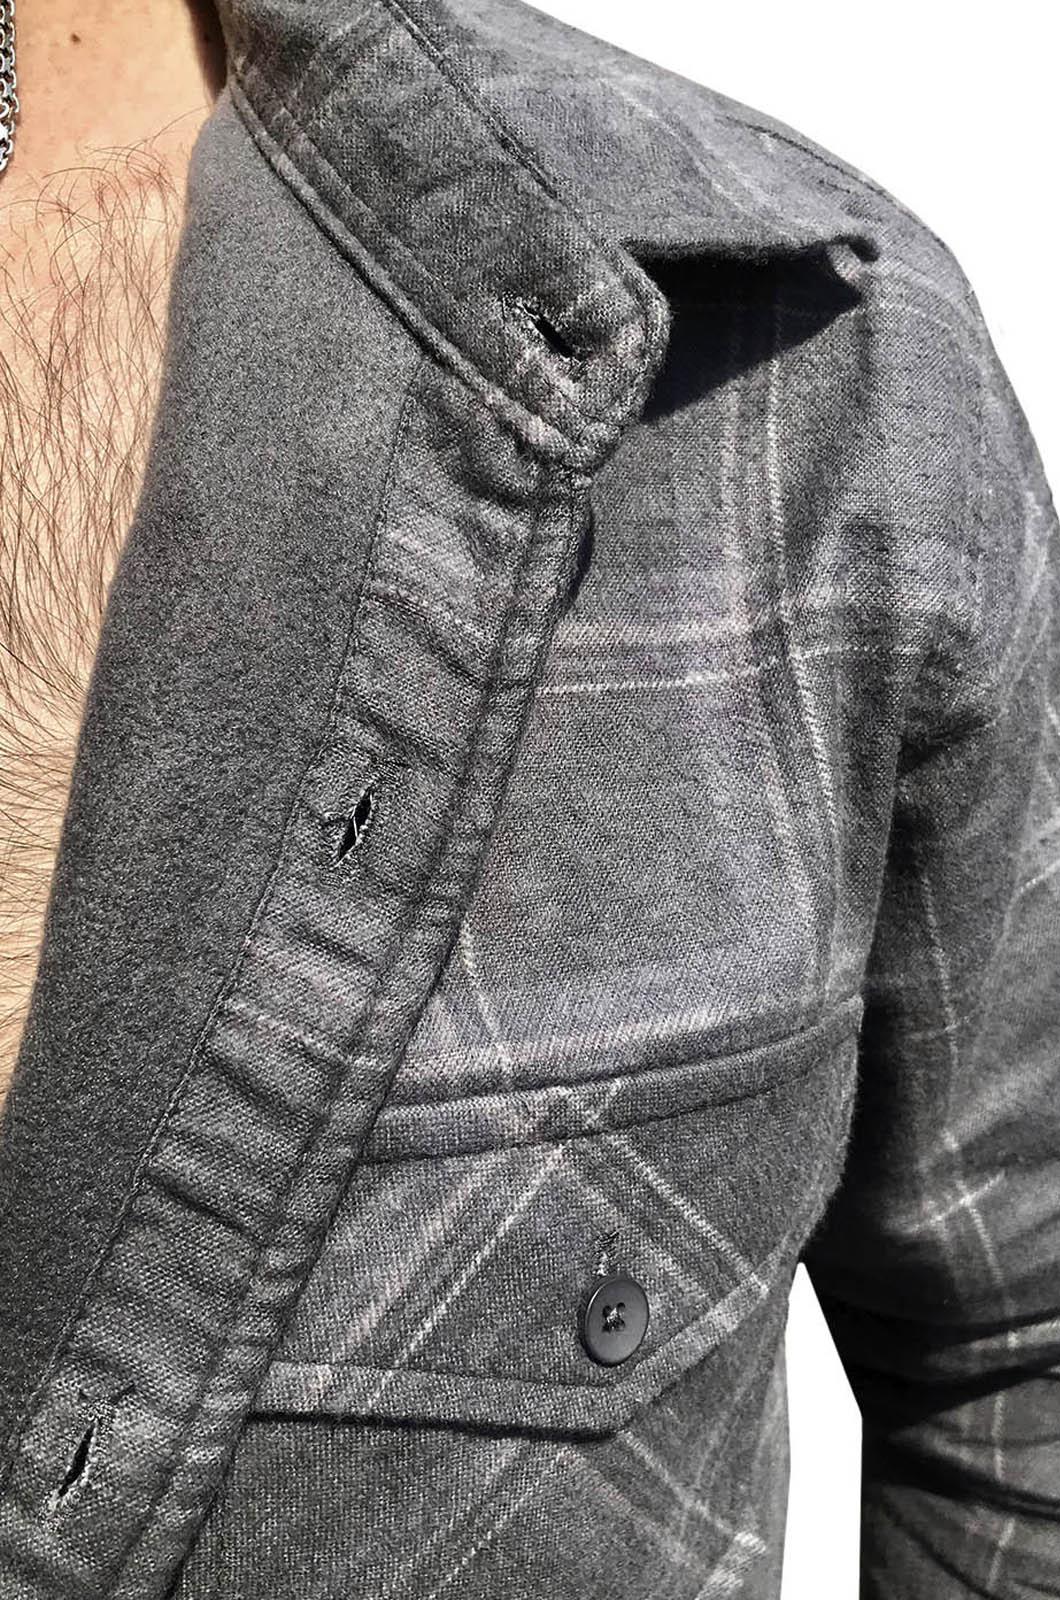 Клетчатая рубашка с шевроном Войсковой разведки купить по сбалансированной цене